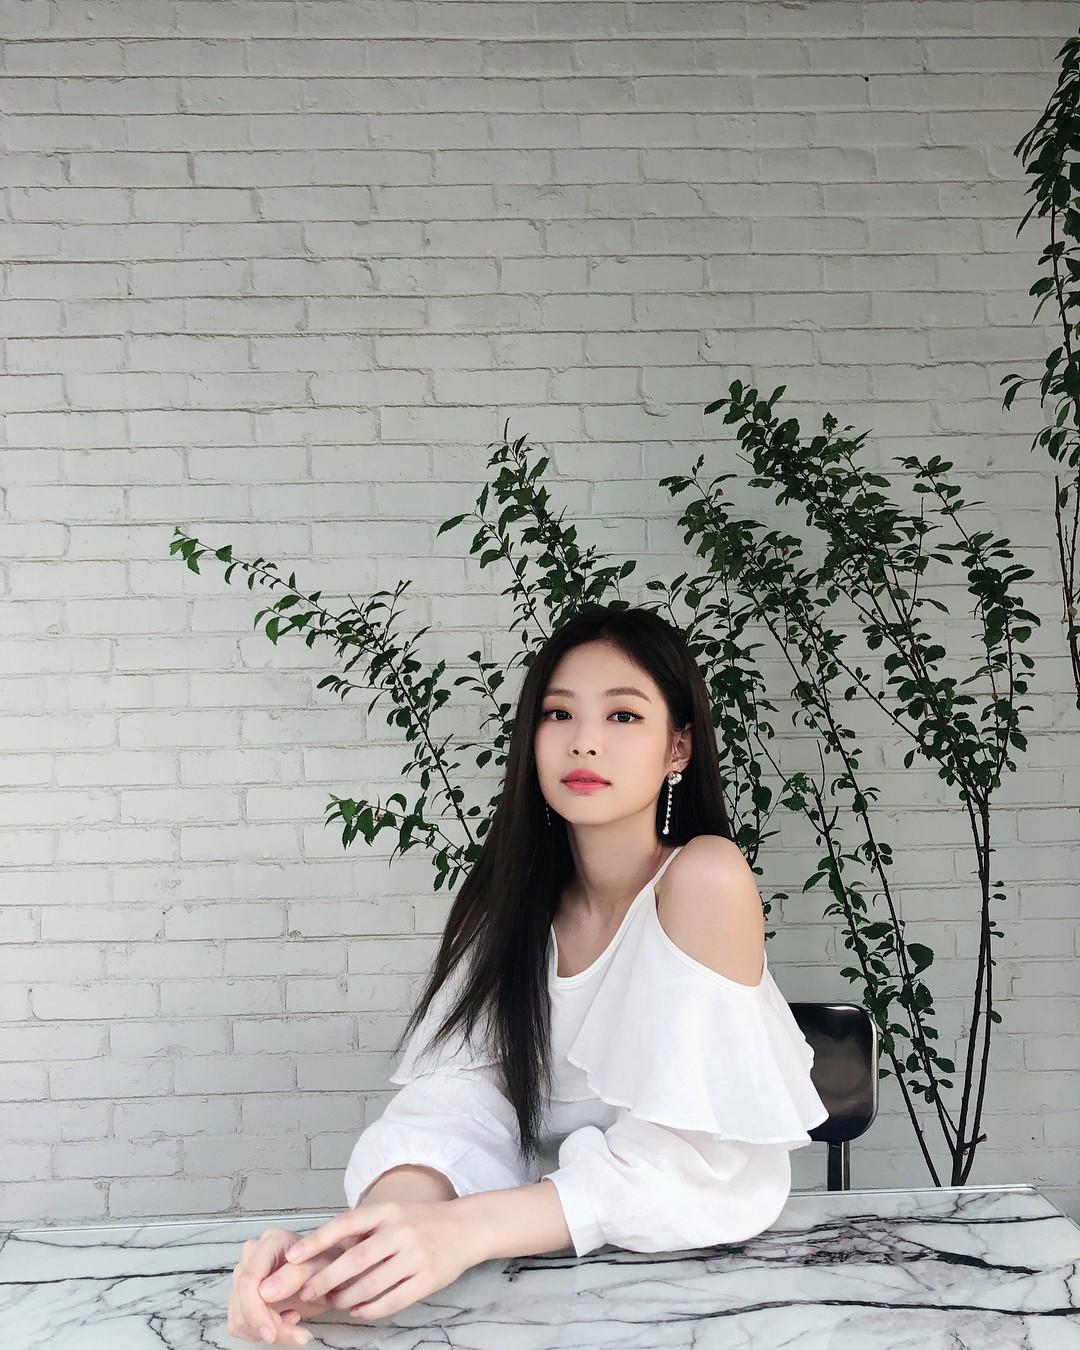 Instagram mới mở được 1 tuần, ảnh của Jennie (Black Pink) có gì hot mà toàn triệu view mỗi tấm? - Ảnh 12.